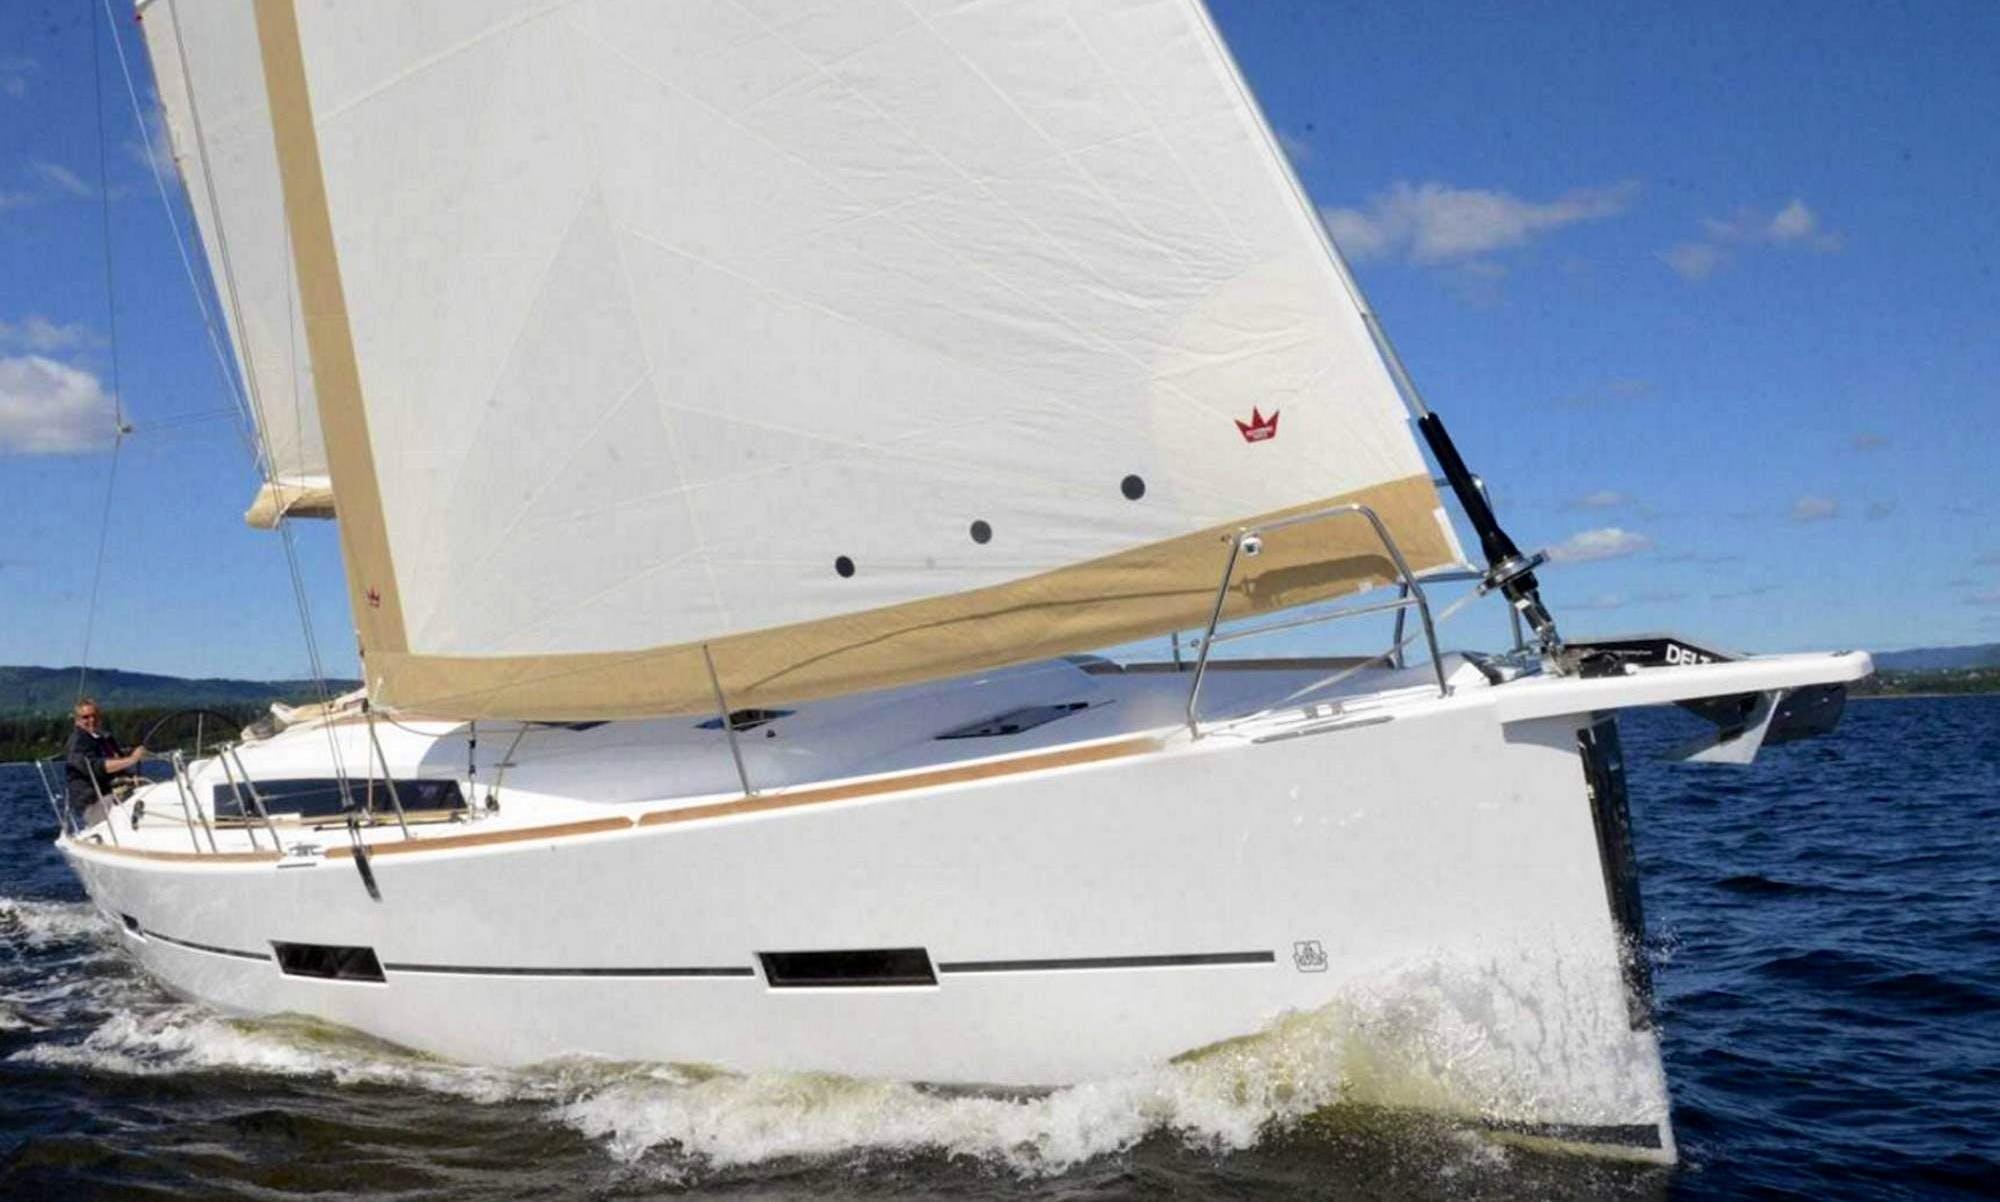 Venture the sea aboard a Brandnew Sailboat!